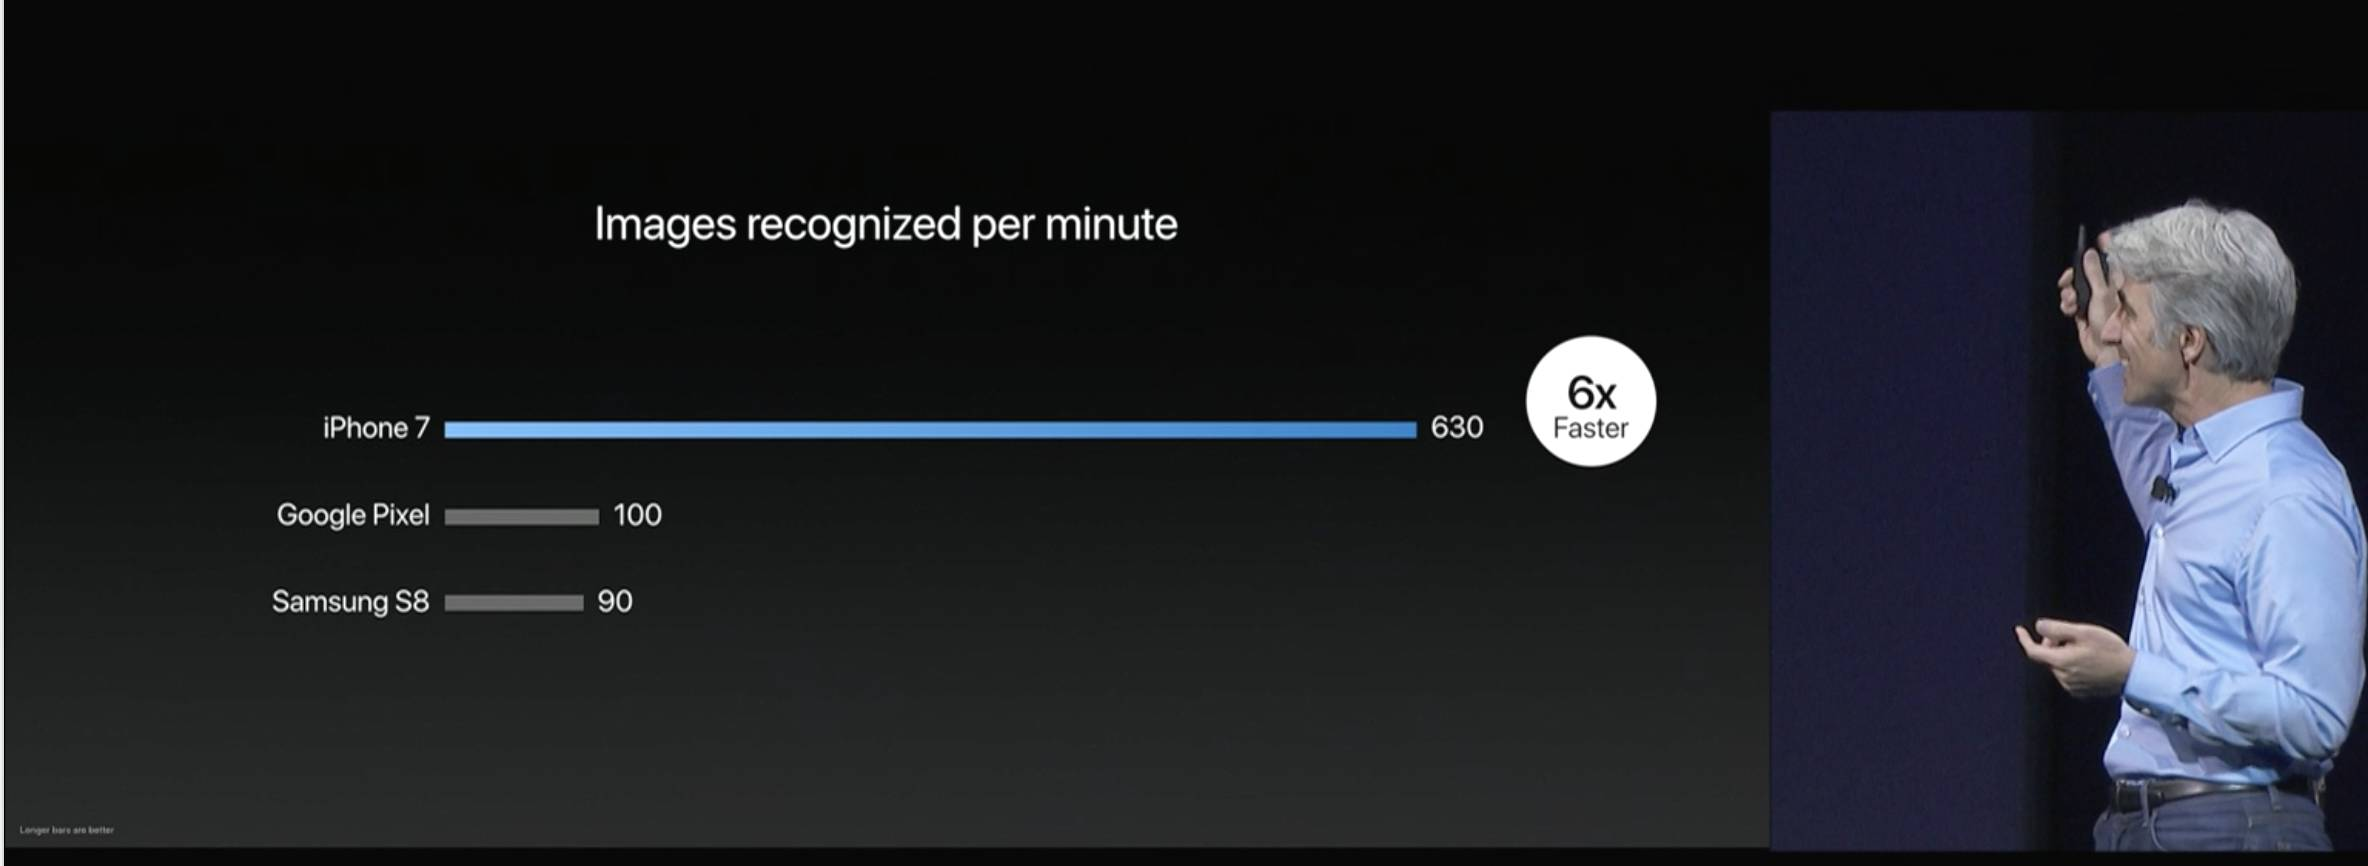 苹果开发者大会WWDC 2017:首次全面展示苹果的人工智能